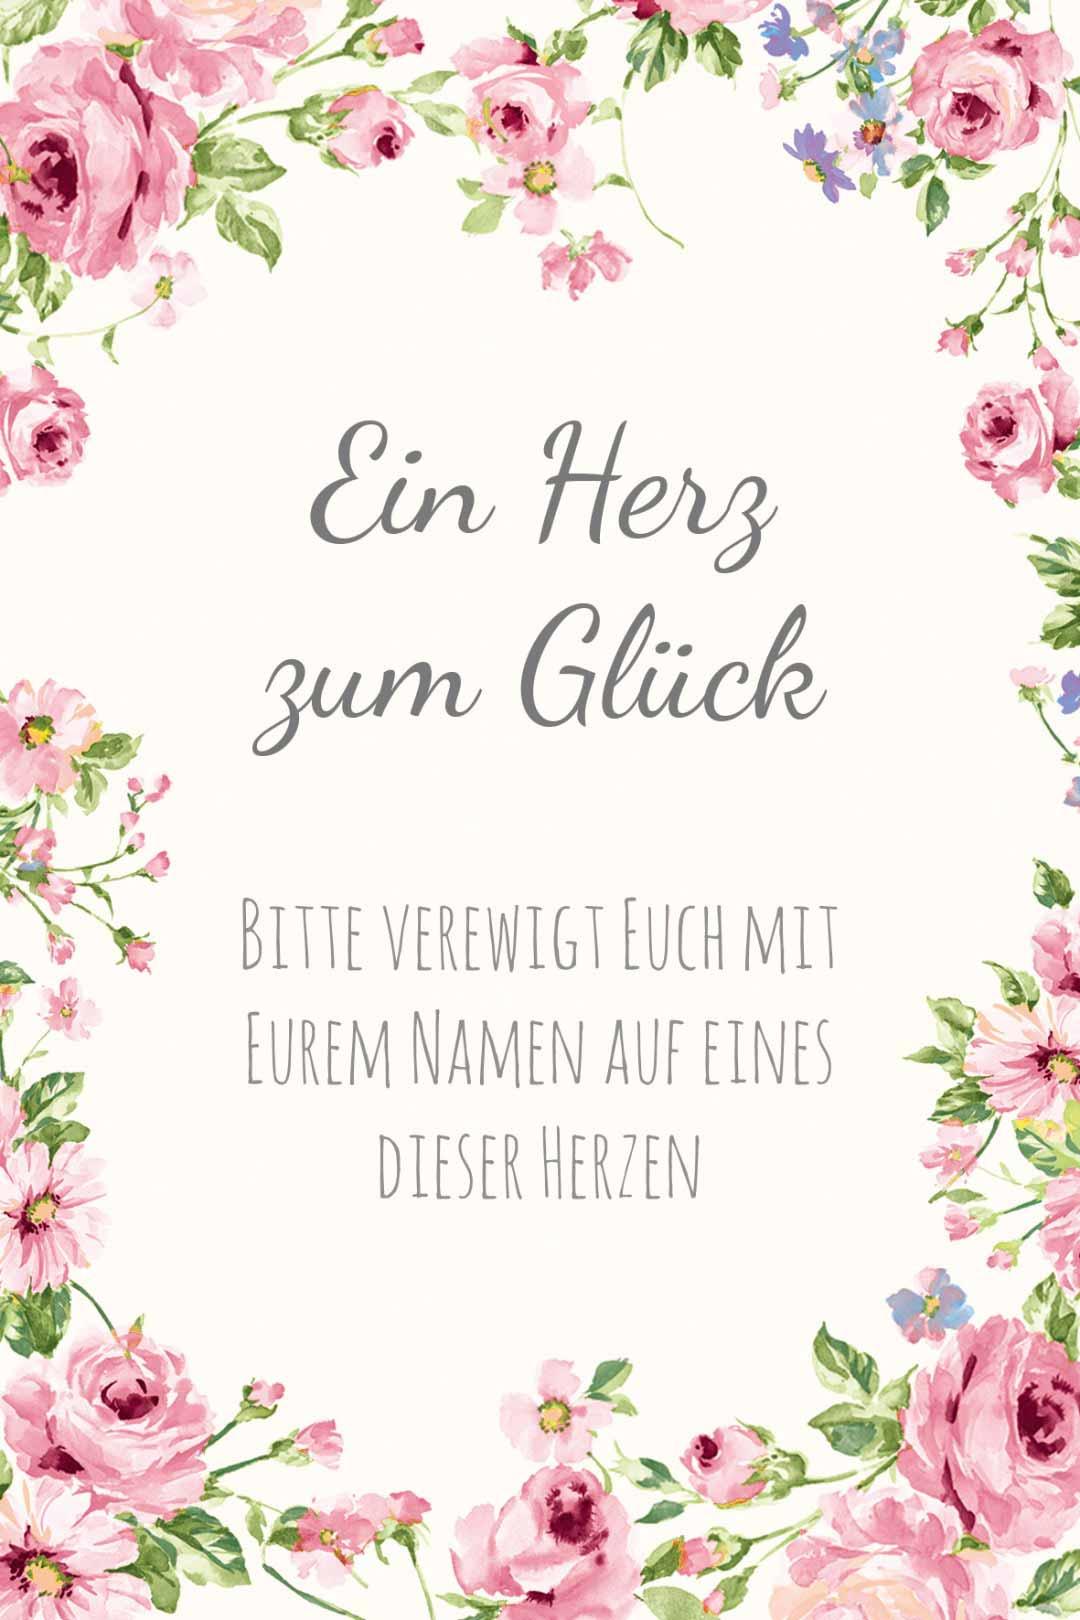 Schild im blumigen Design als Vorlage für die Hochzeit: Ein Herz zum Glück